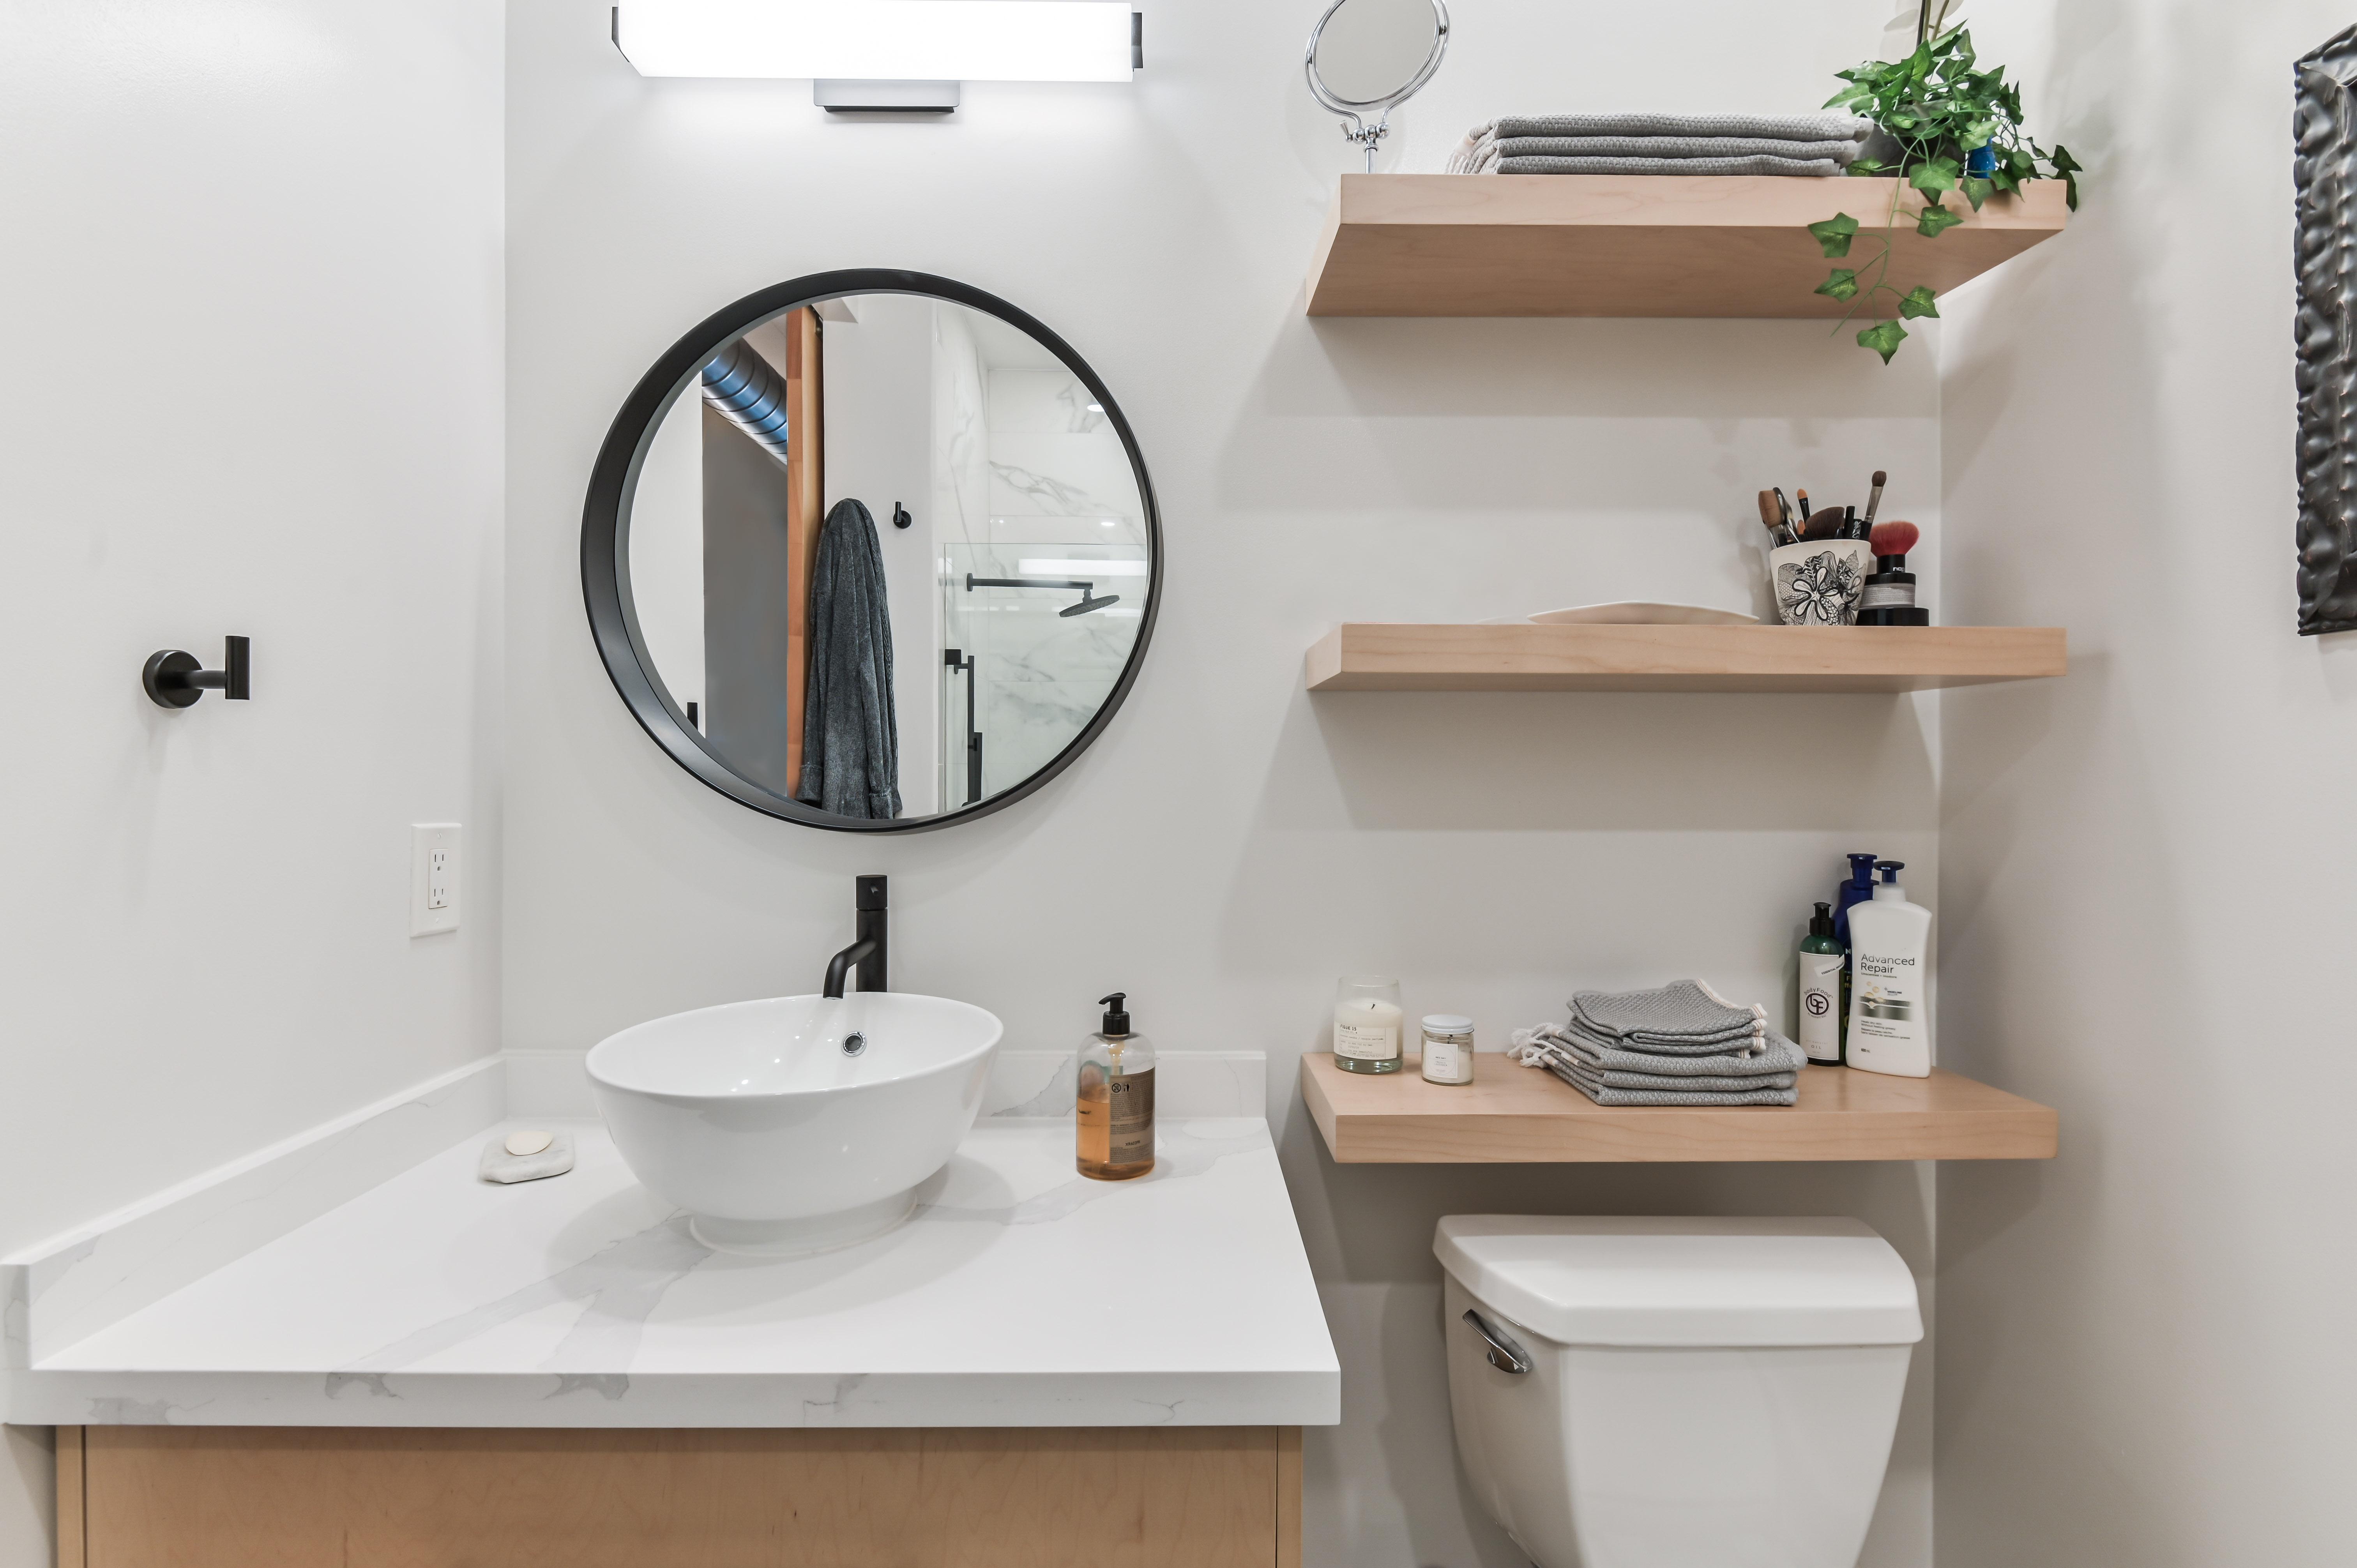 Petite salle de bain avec mobilier en bois clair, miroir rond noir et tablettes au-dessus de la toilette